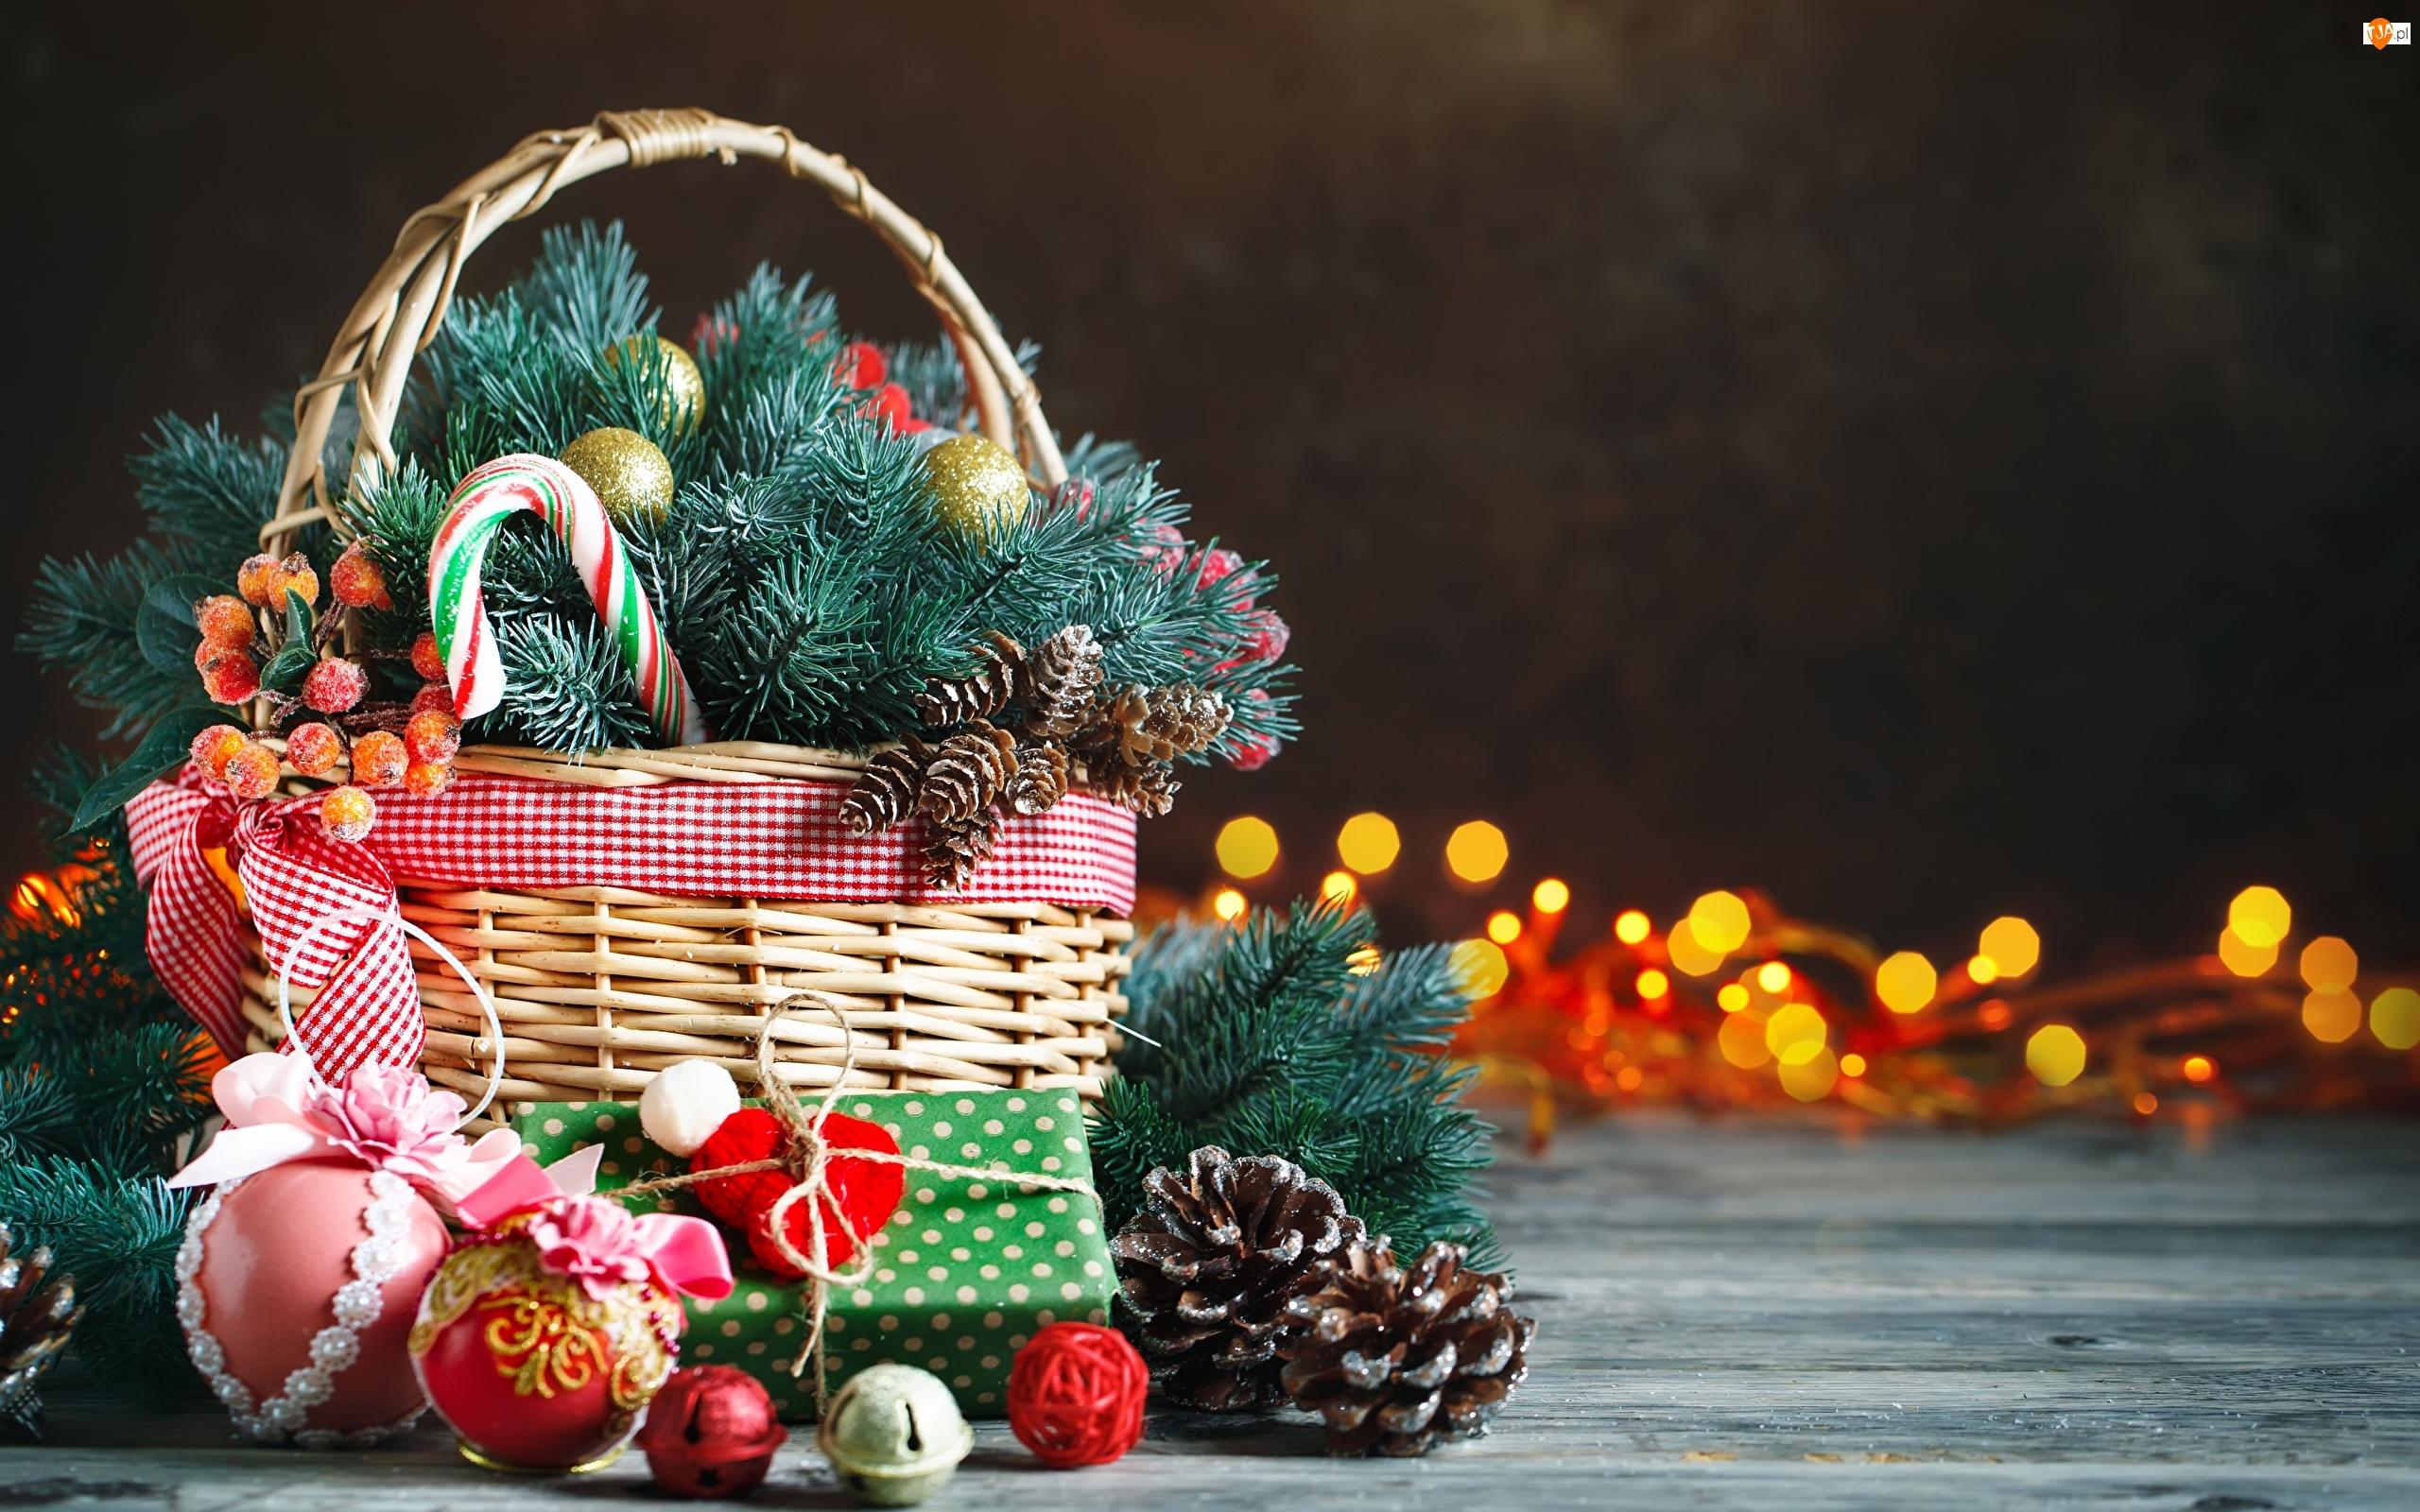 Koszyk, Gałązki, Prezent, Boże Narodzenie, Szyszki, Bombki, Świerkowe